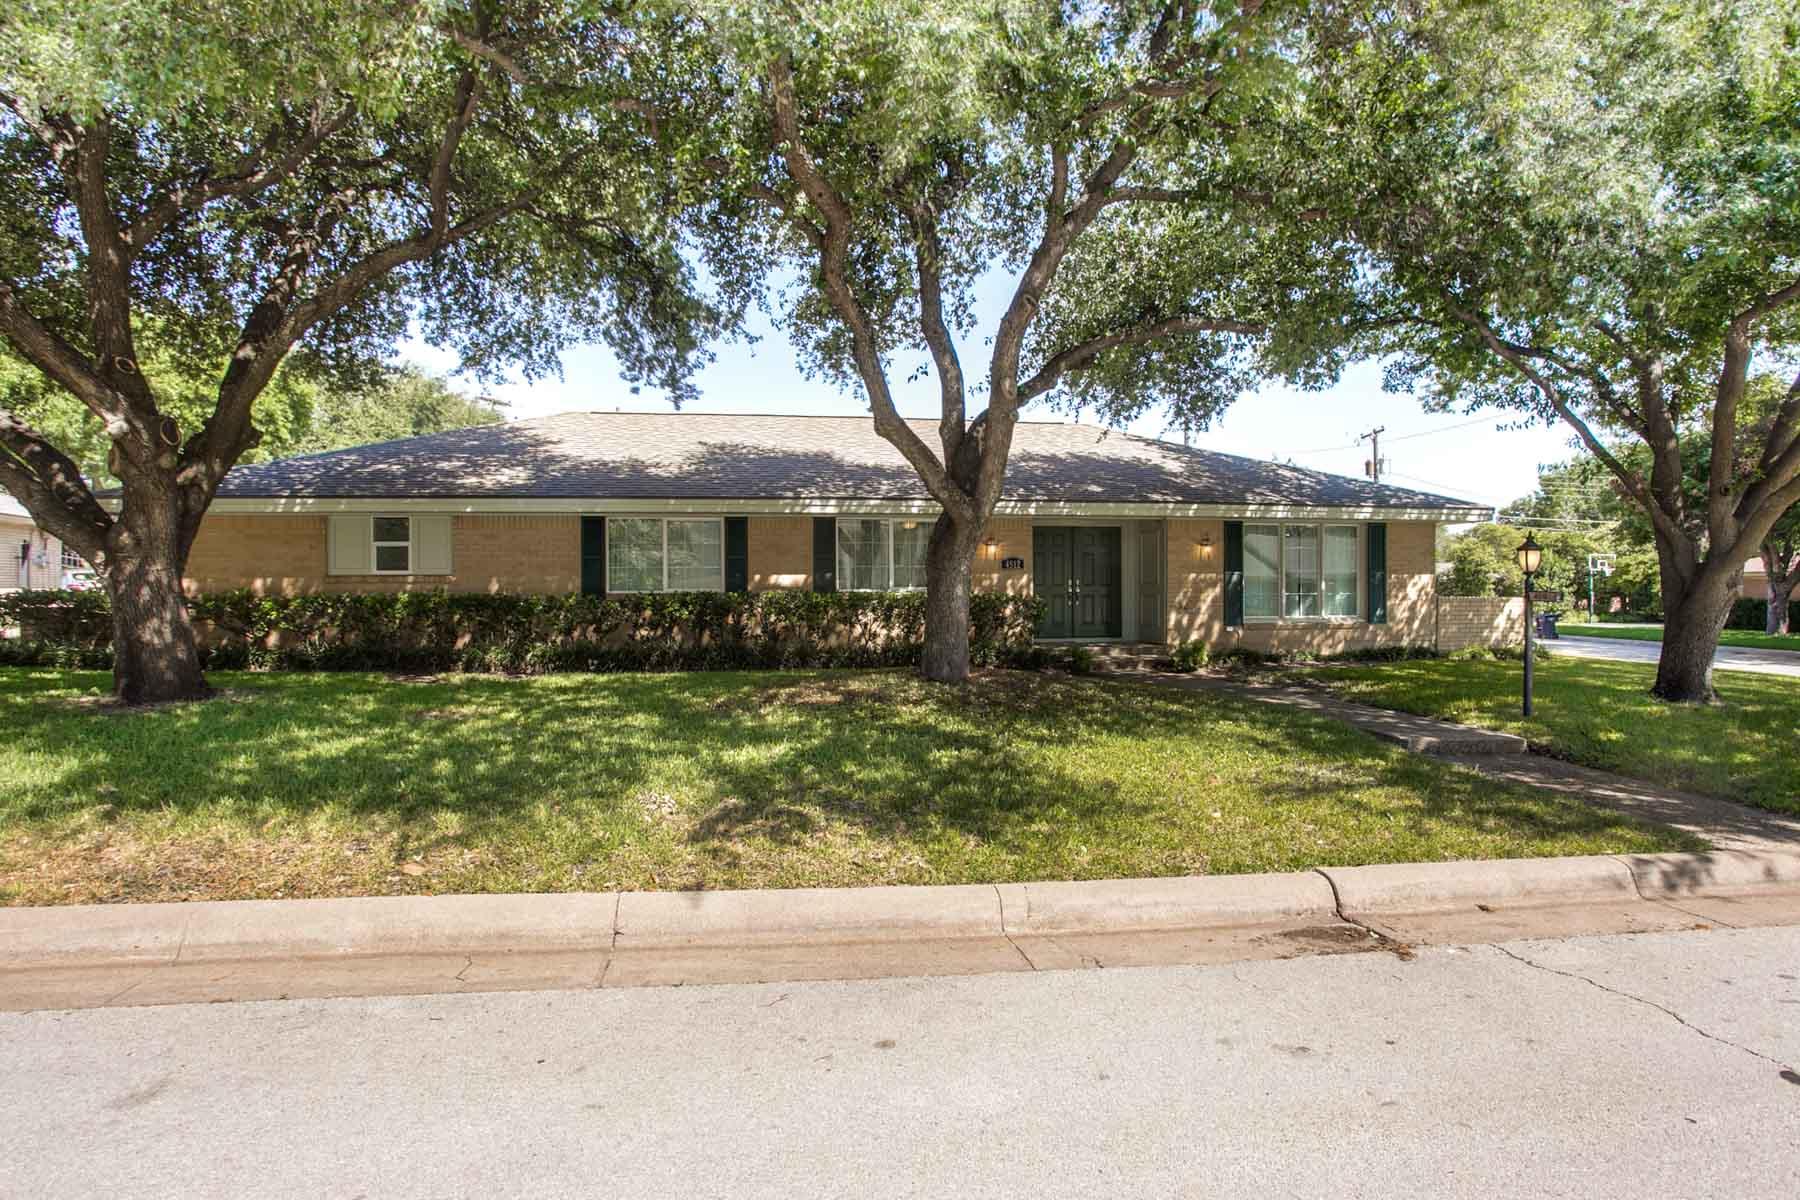 Maison unifamiliale pour l Vente à Tanglewood Traditional 4512 Cloudview Rd Fort Worth, Texas, 76109 États-Unis